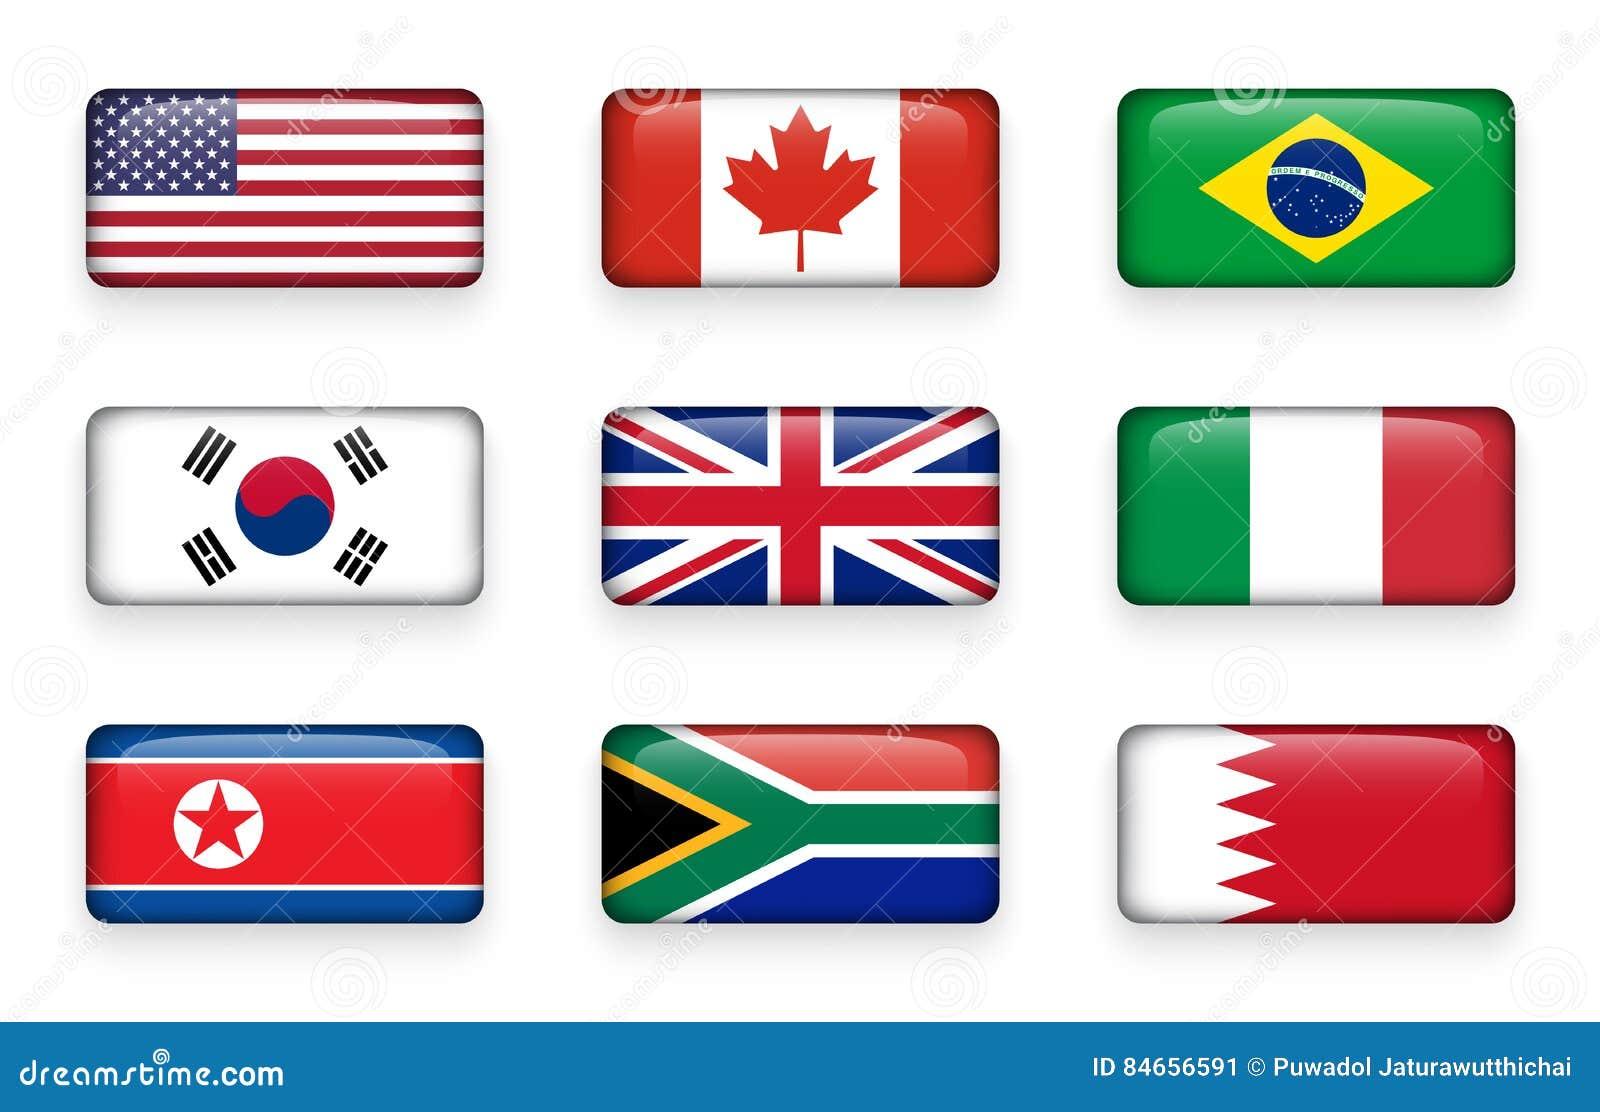 套世界下垂围绕长方形按钮美国 加拿大 面包渣 30更改的卫兵7月韩国国王好朋友s汉城南部 英国的英国 意大利 北部